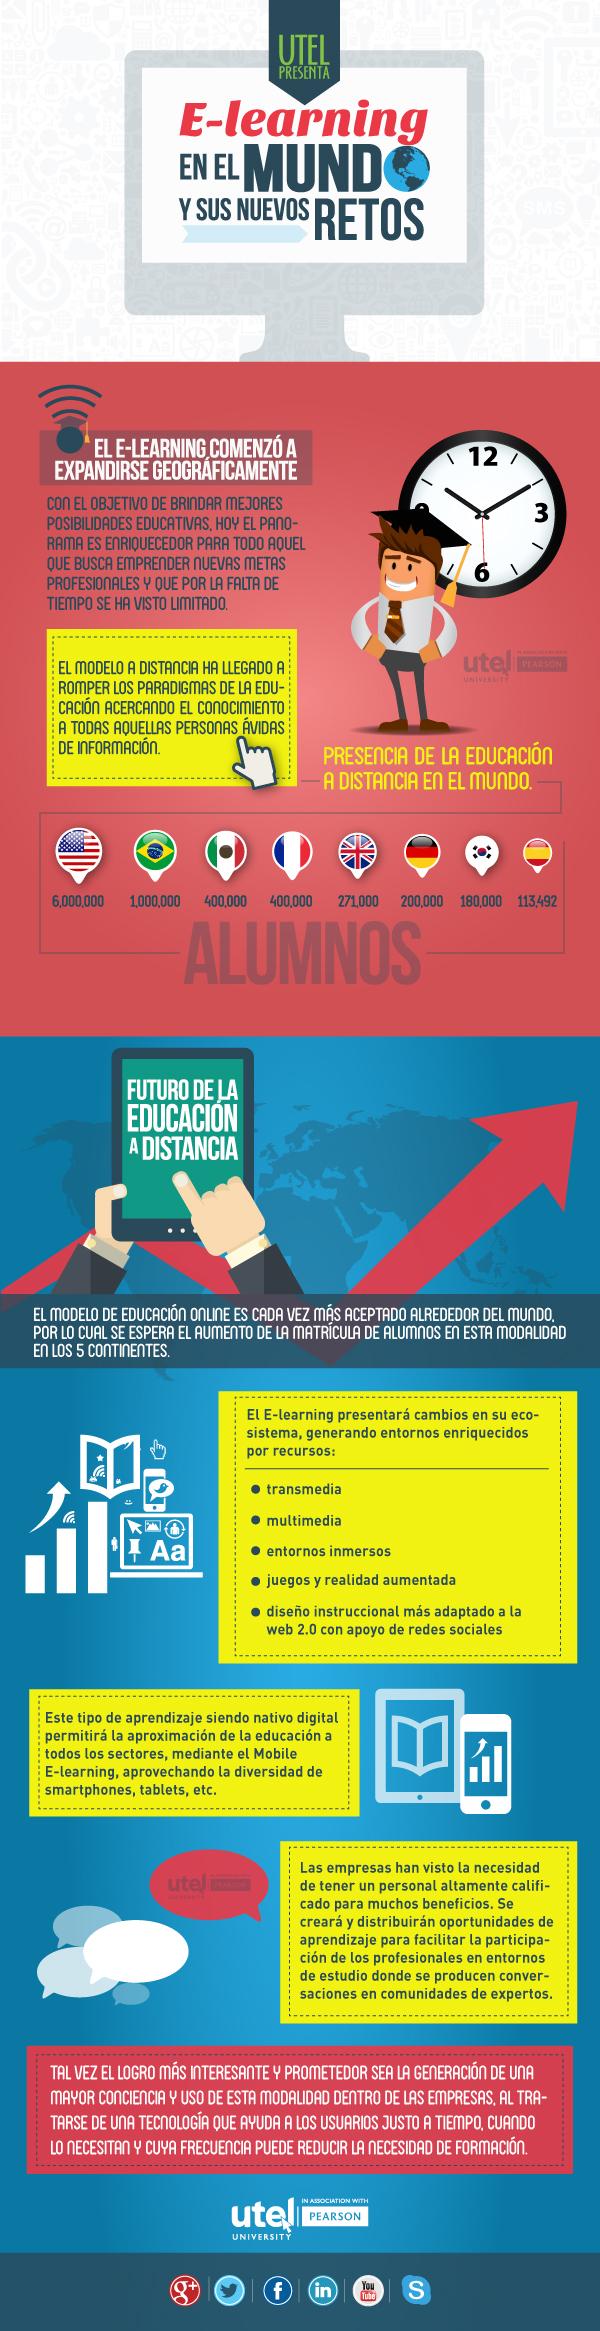 eLearning en el Mundo y sus retos